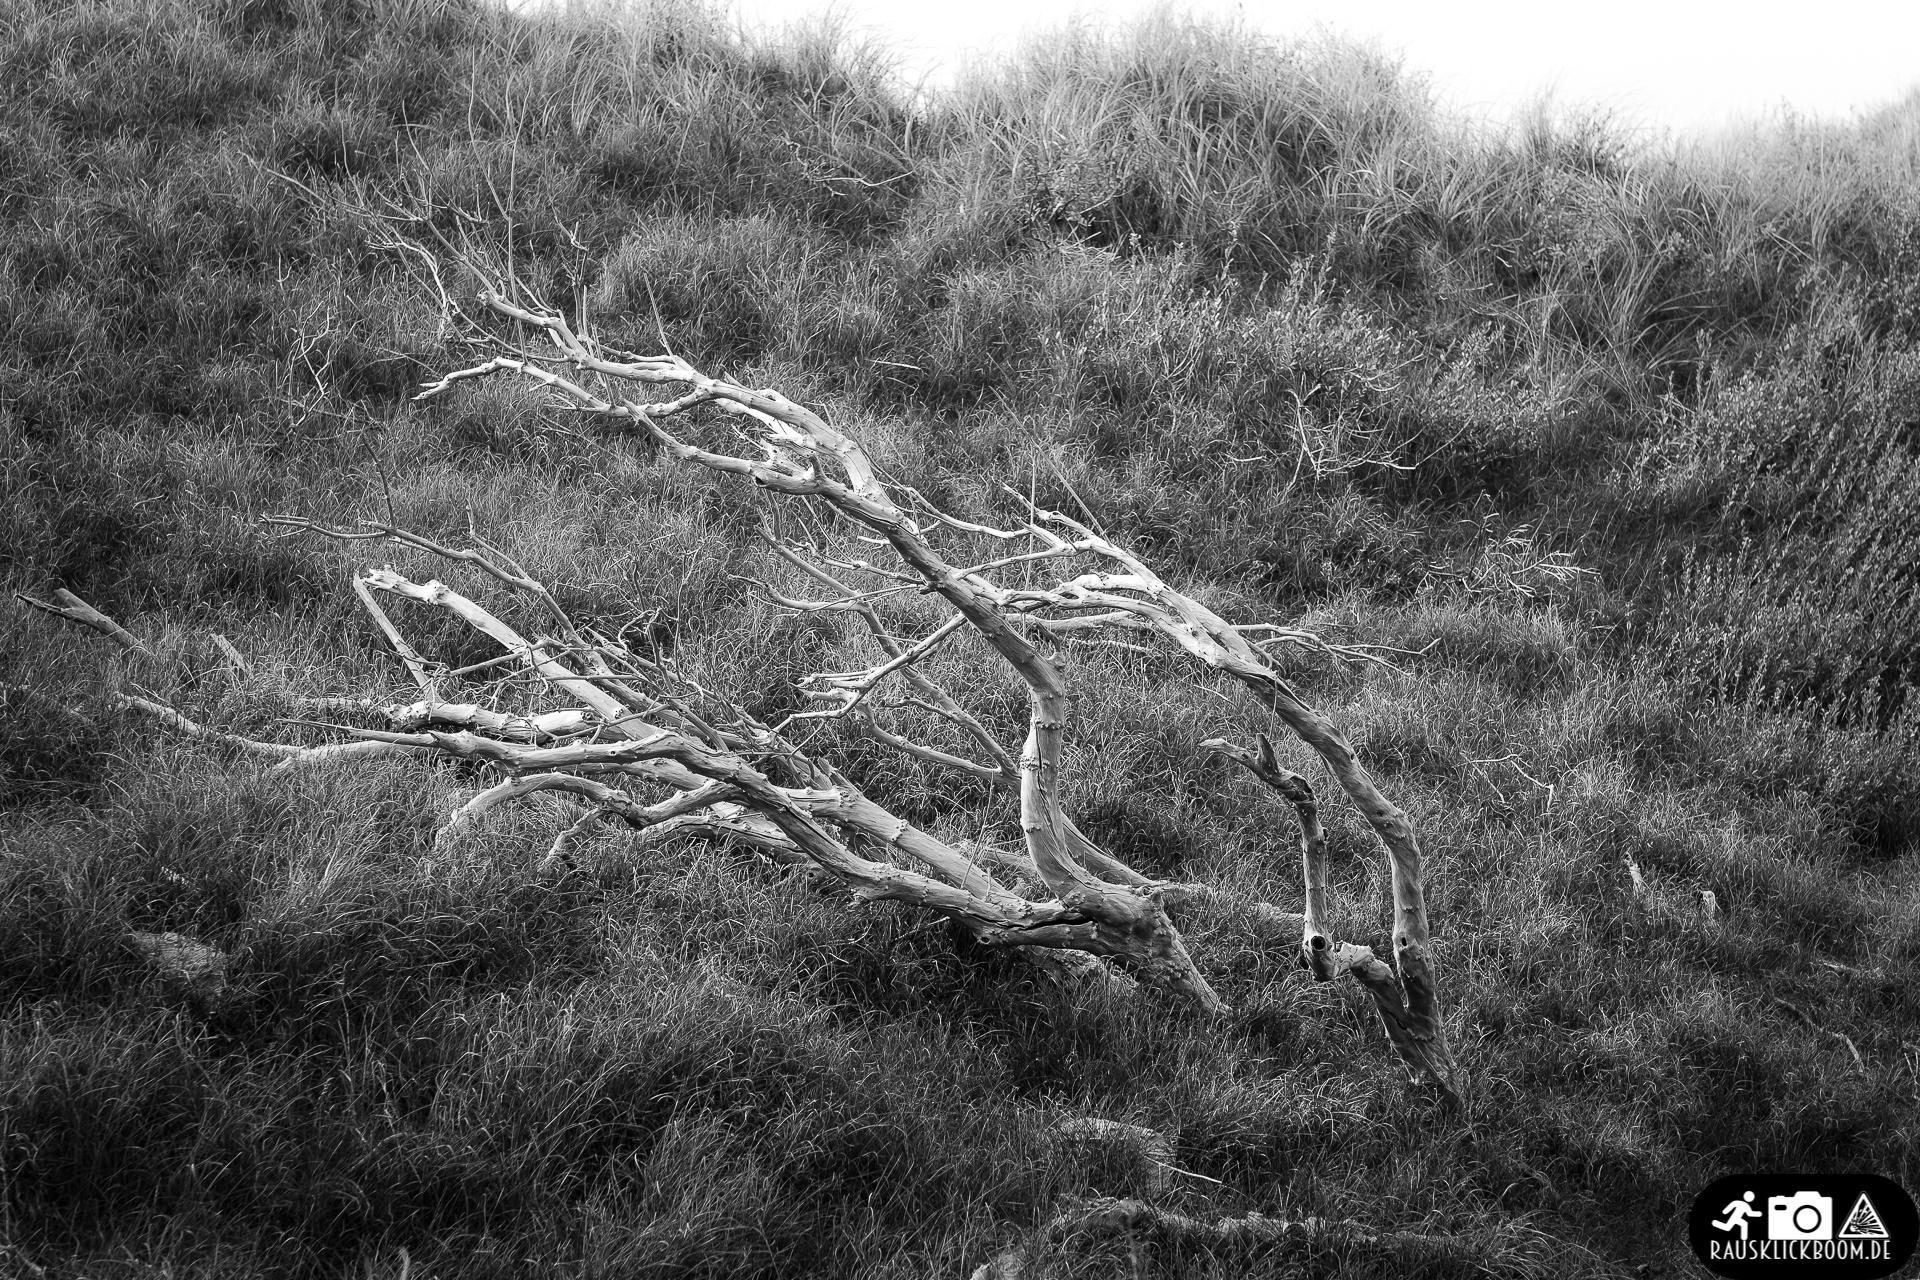 Toter Baum in den Dünen von Norderney